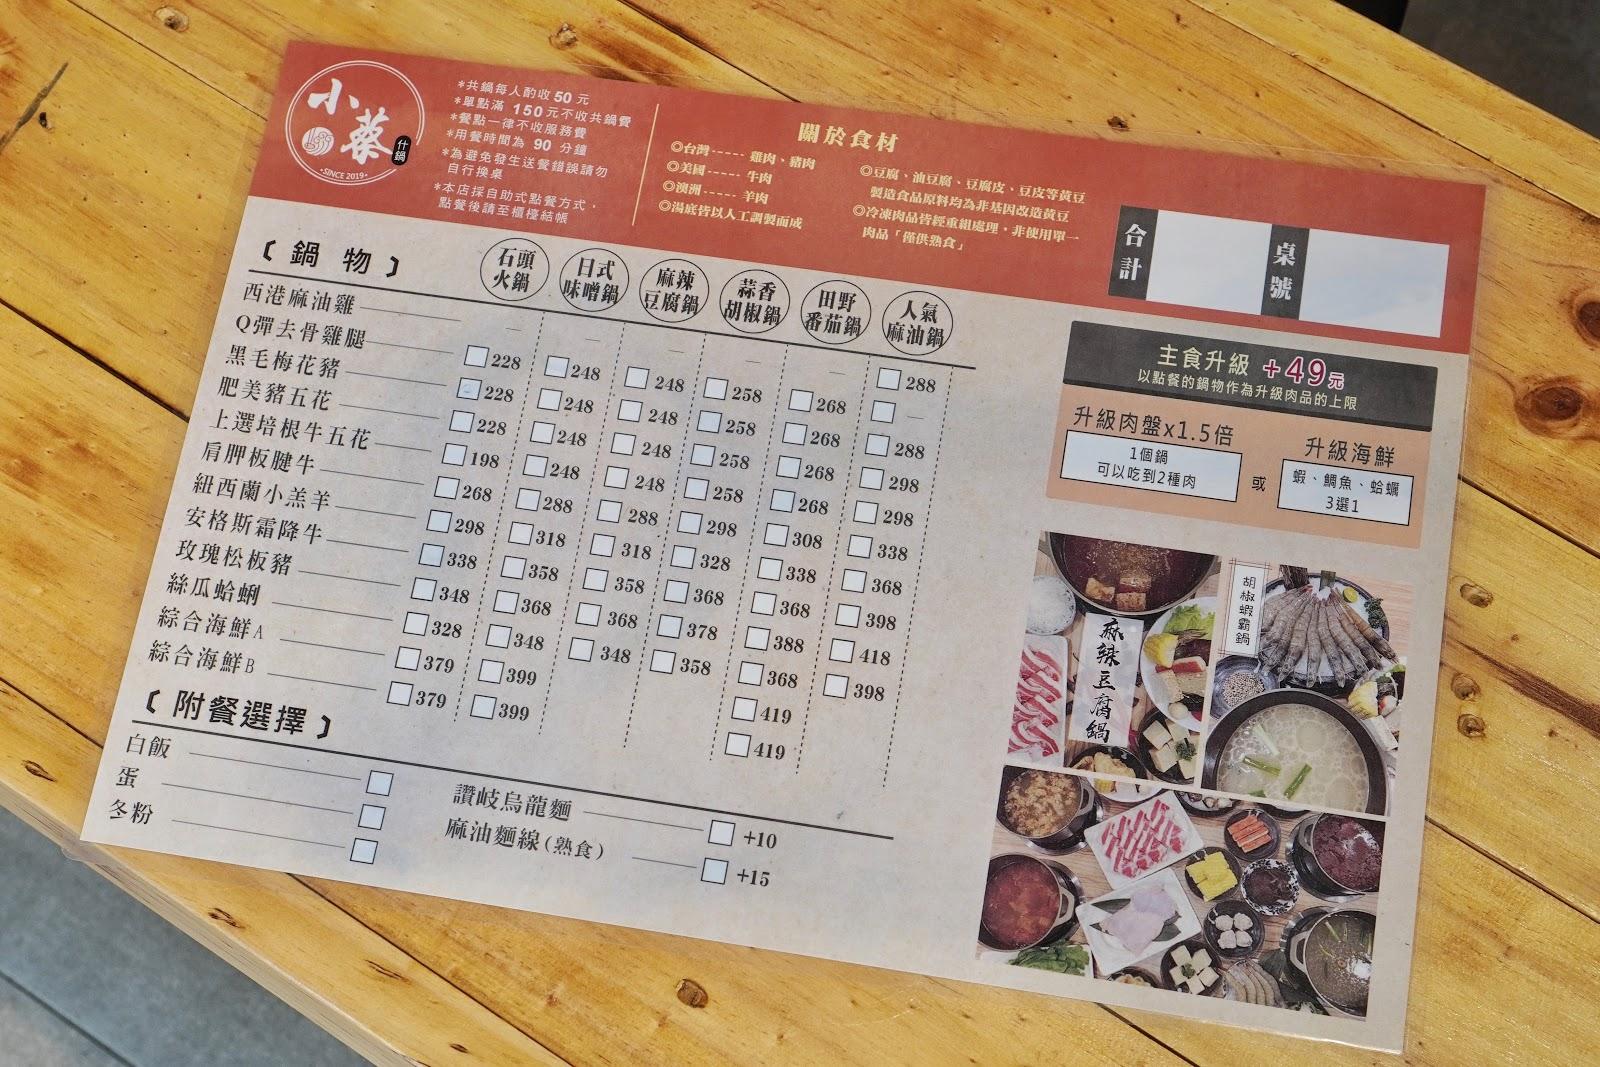 台南中西區美食【小蔡什鍋】菜單介紹